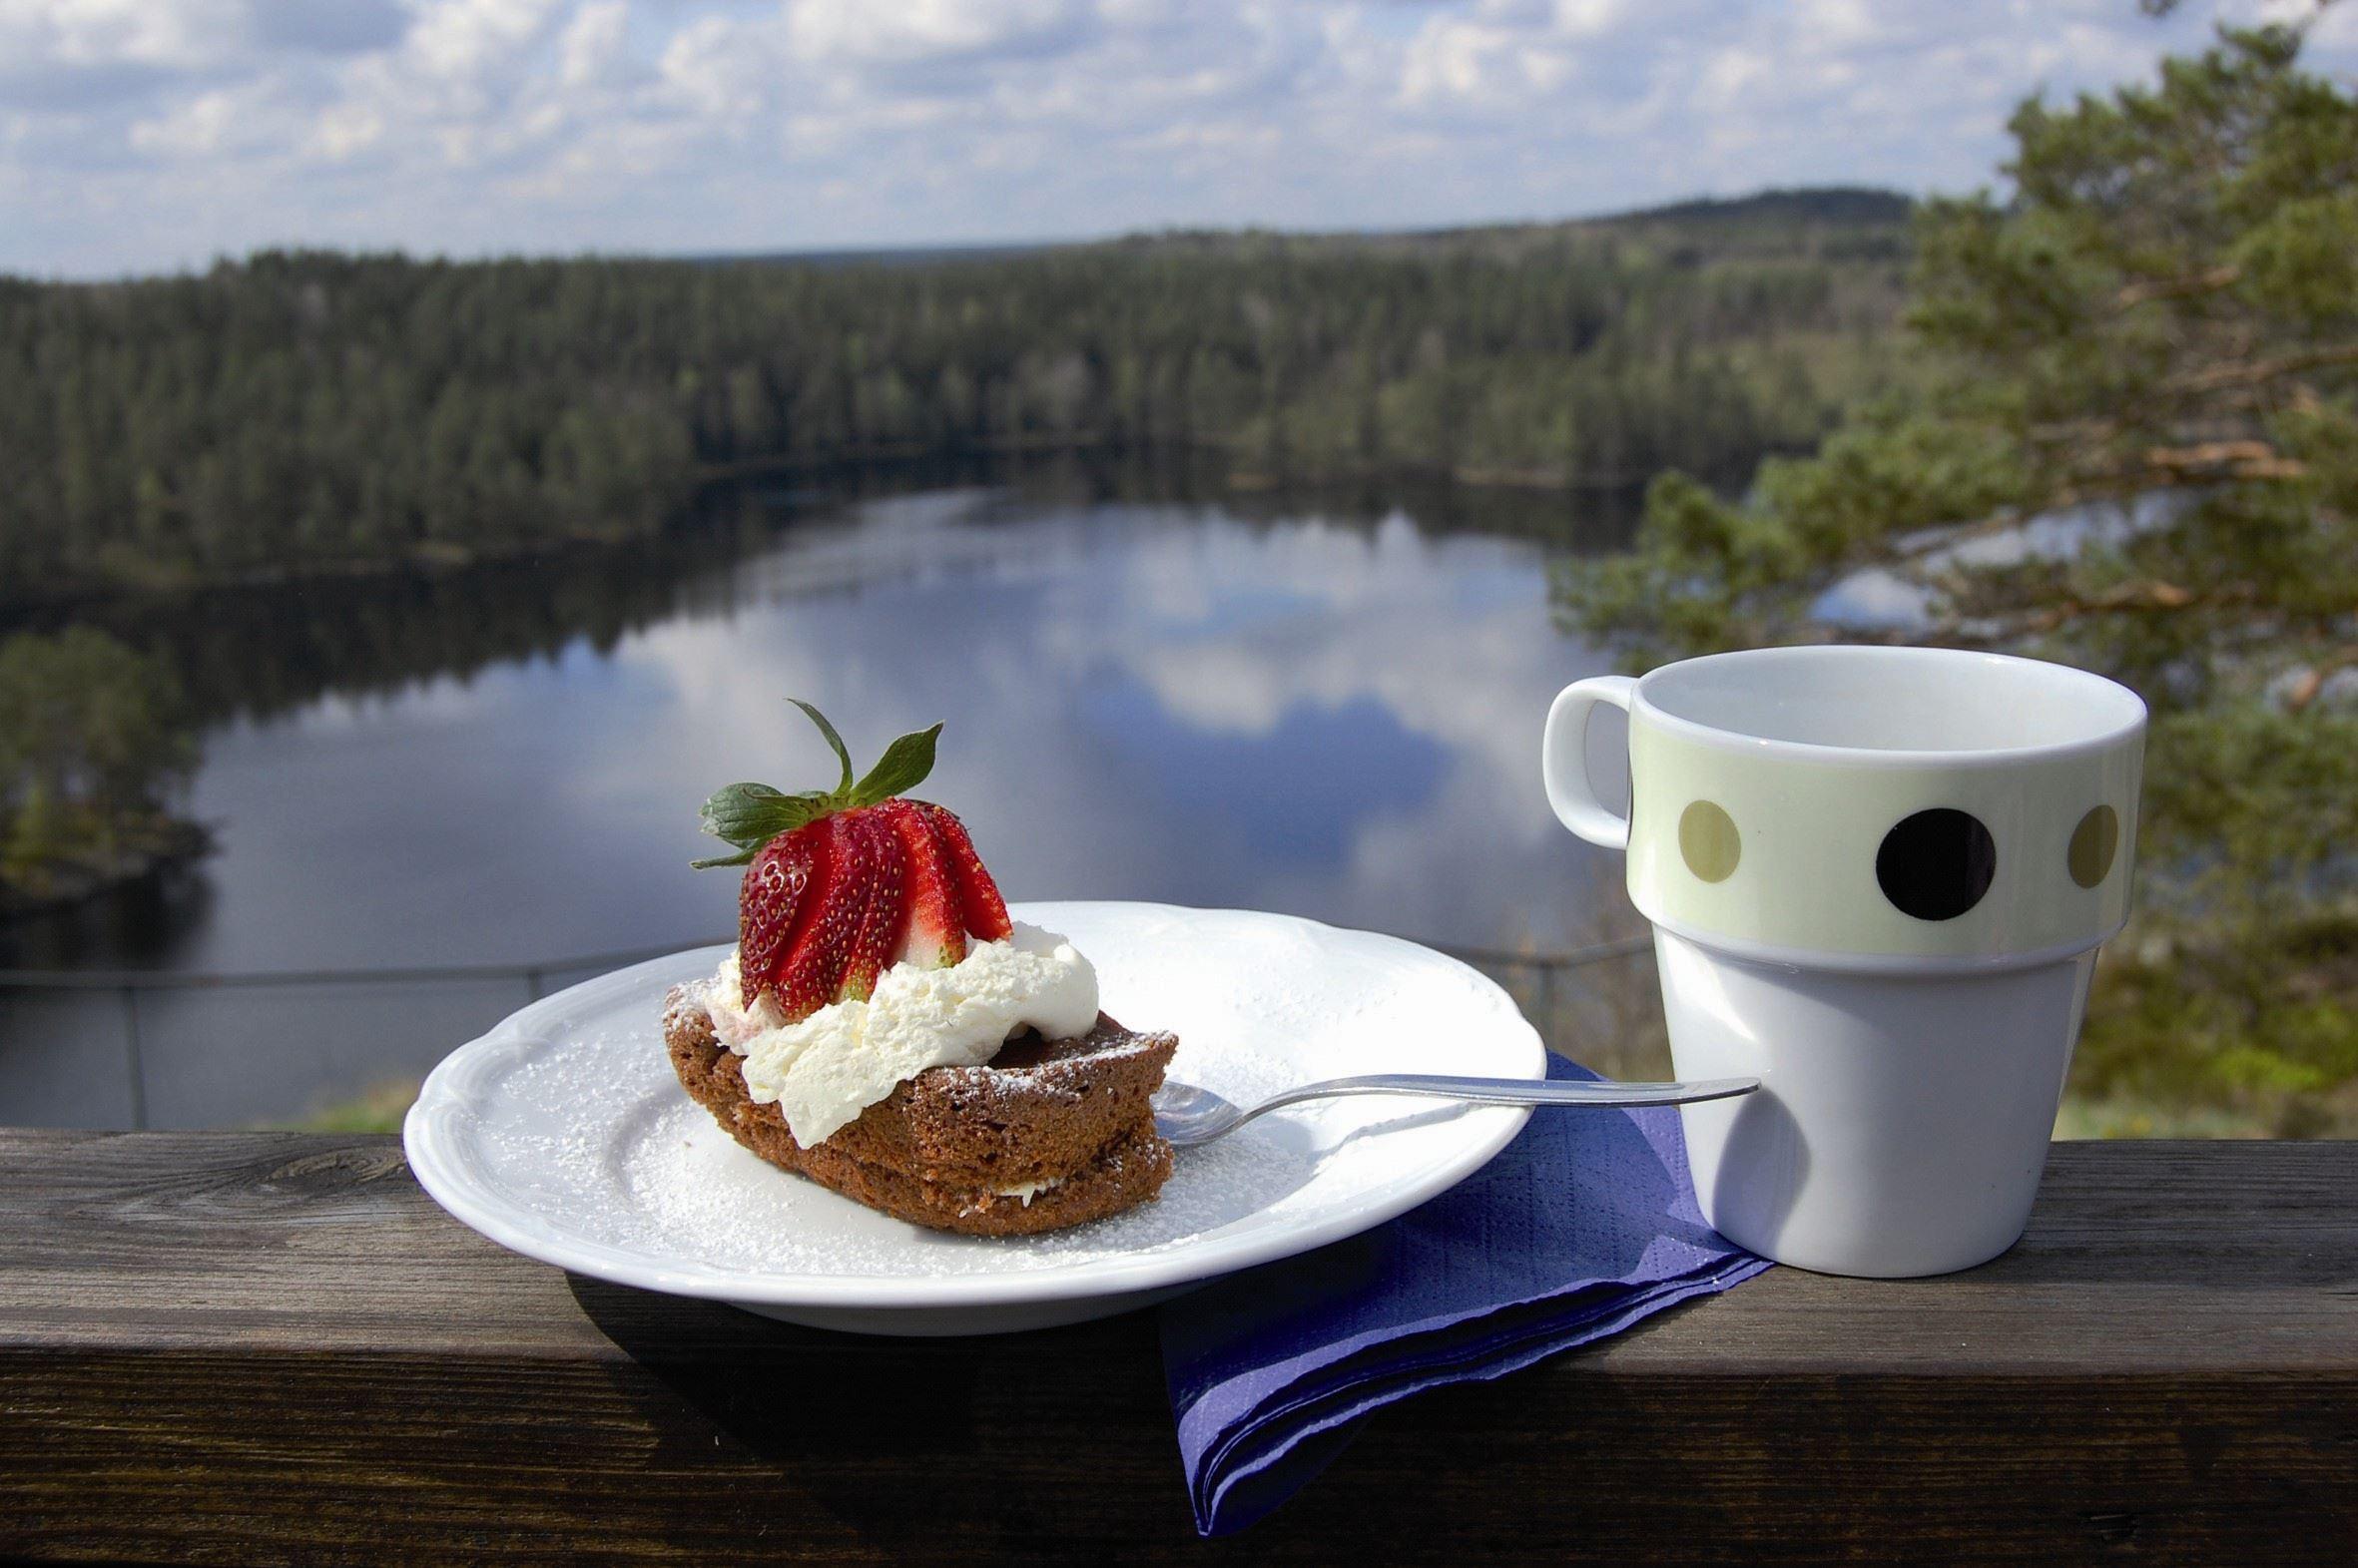 Aboda Café & Restaurang